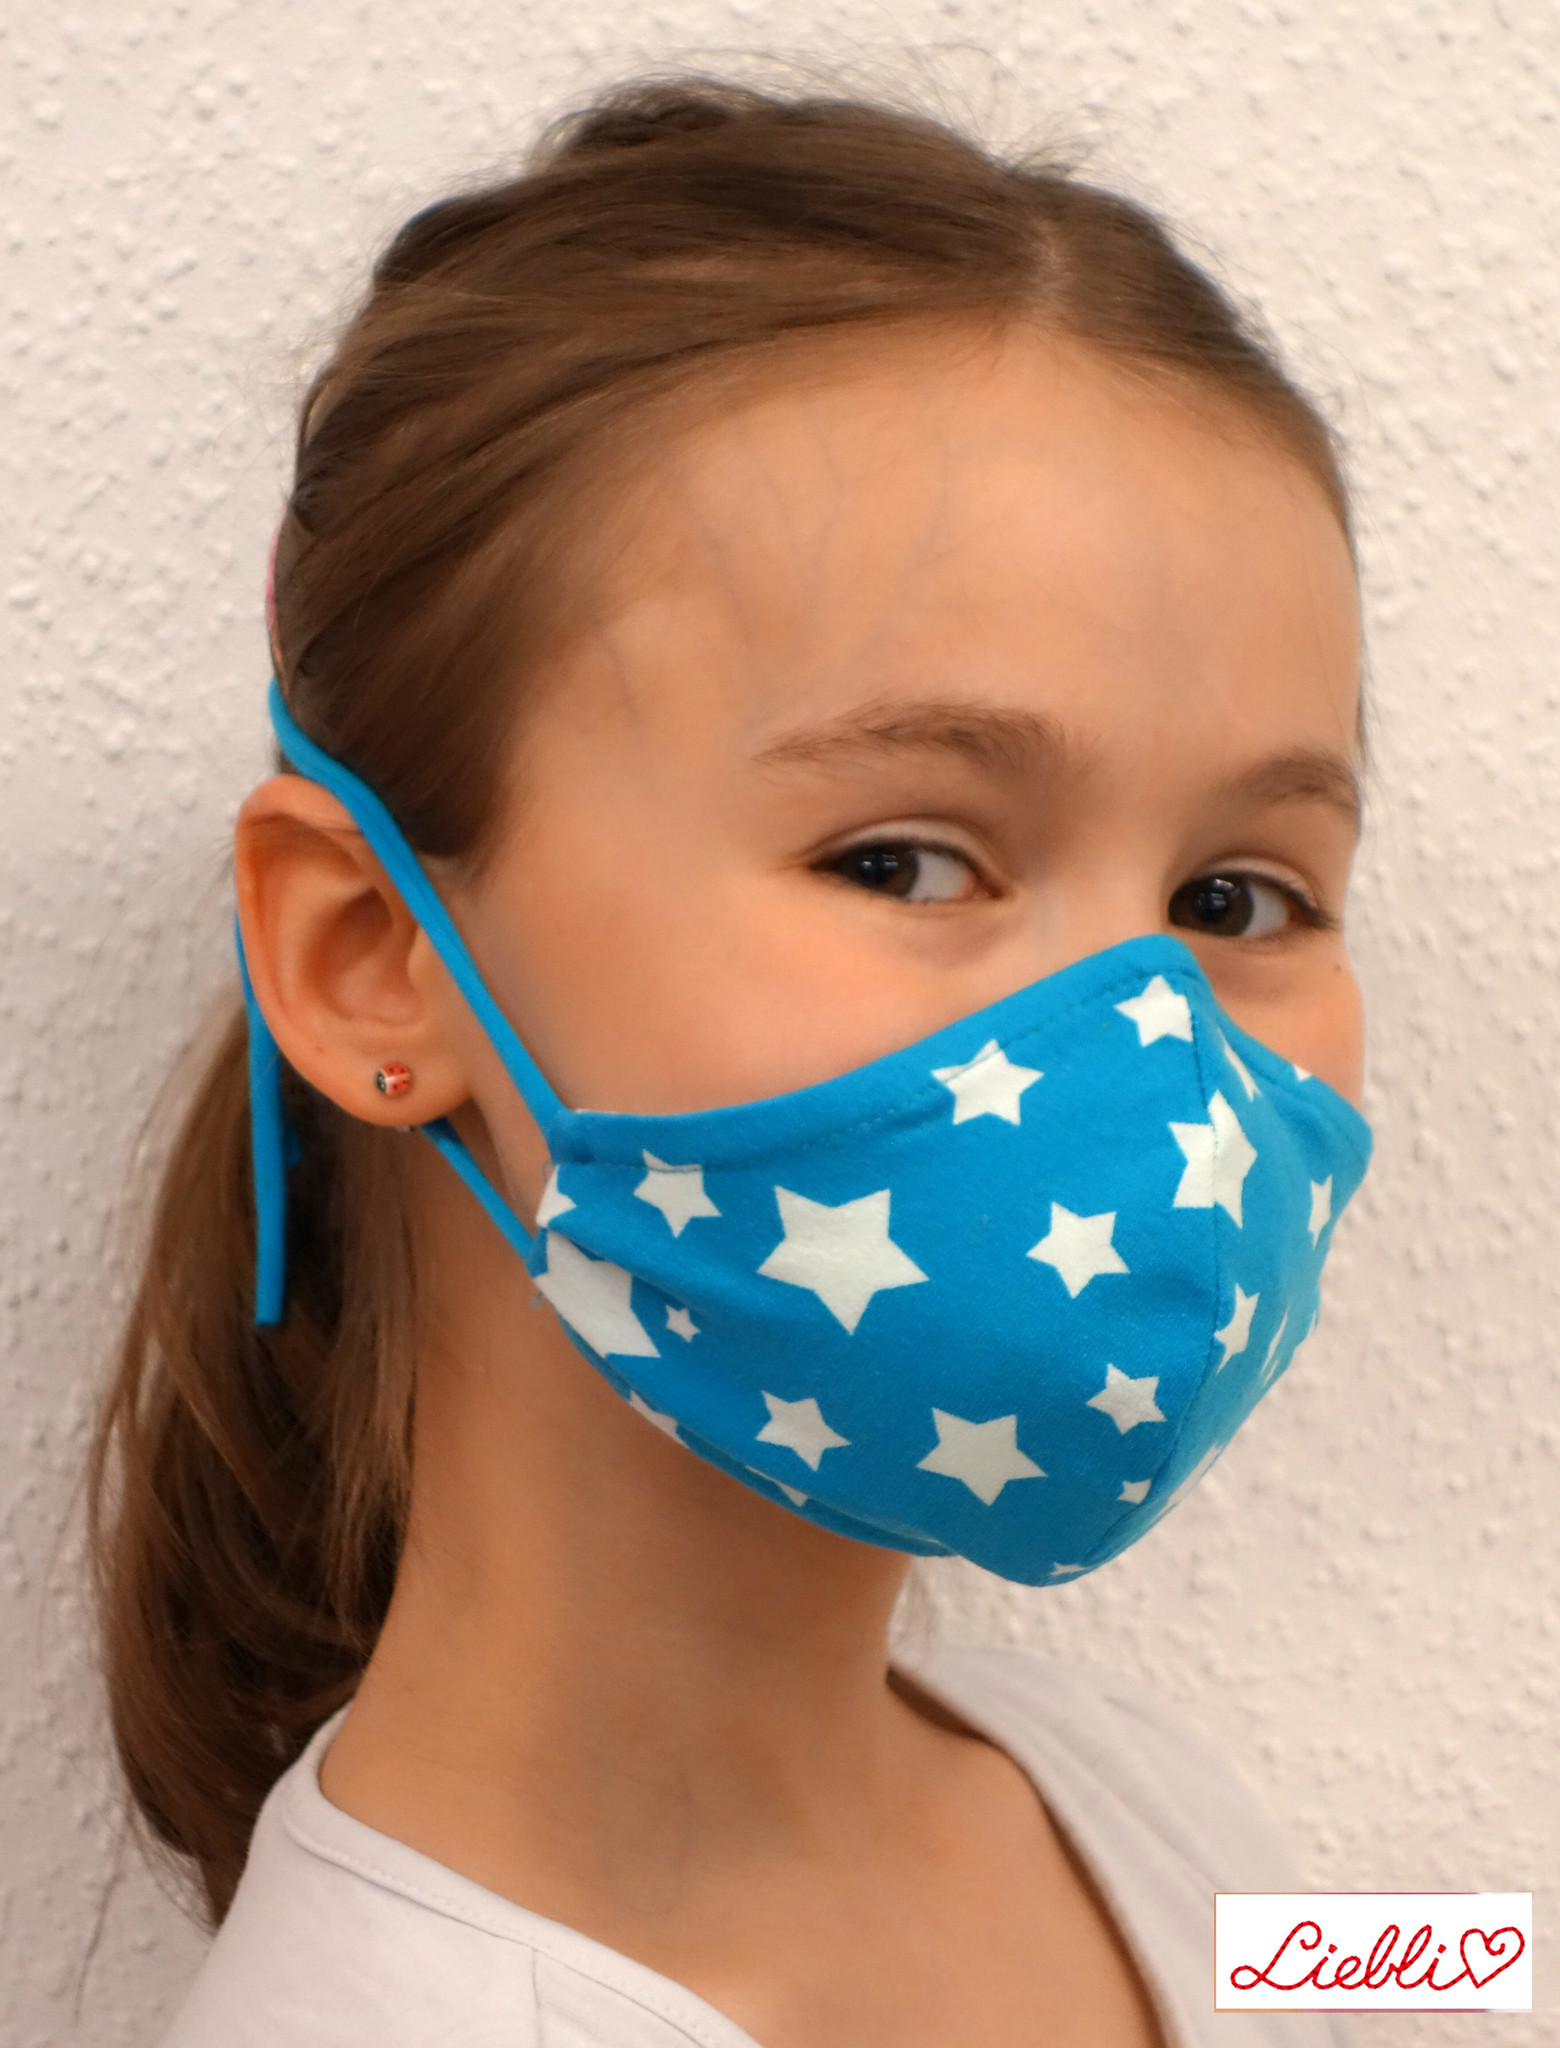 Schöne Stoffmaske, bunte Kindermaske weiße Sterne auf türkis (auch in Erwachsenen Größen)